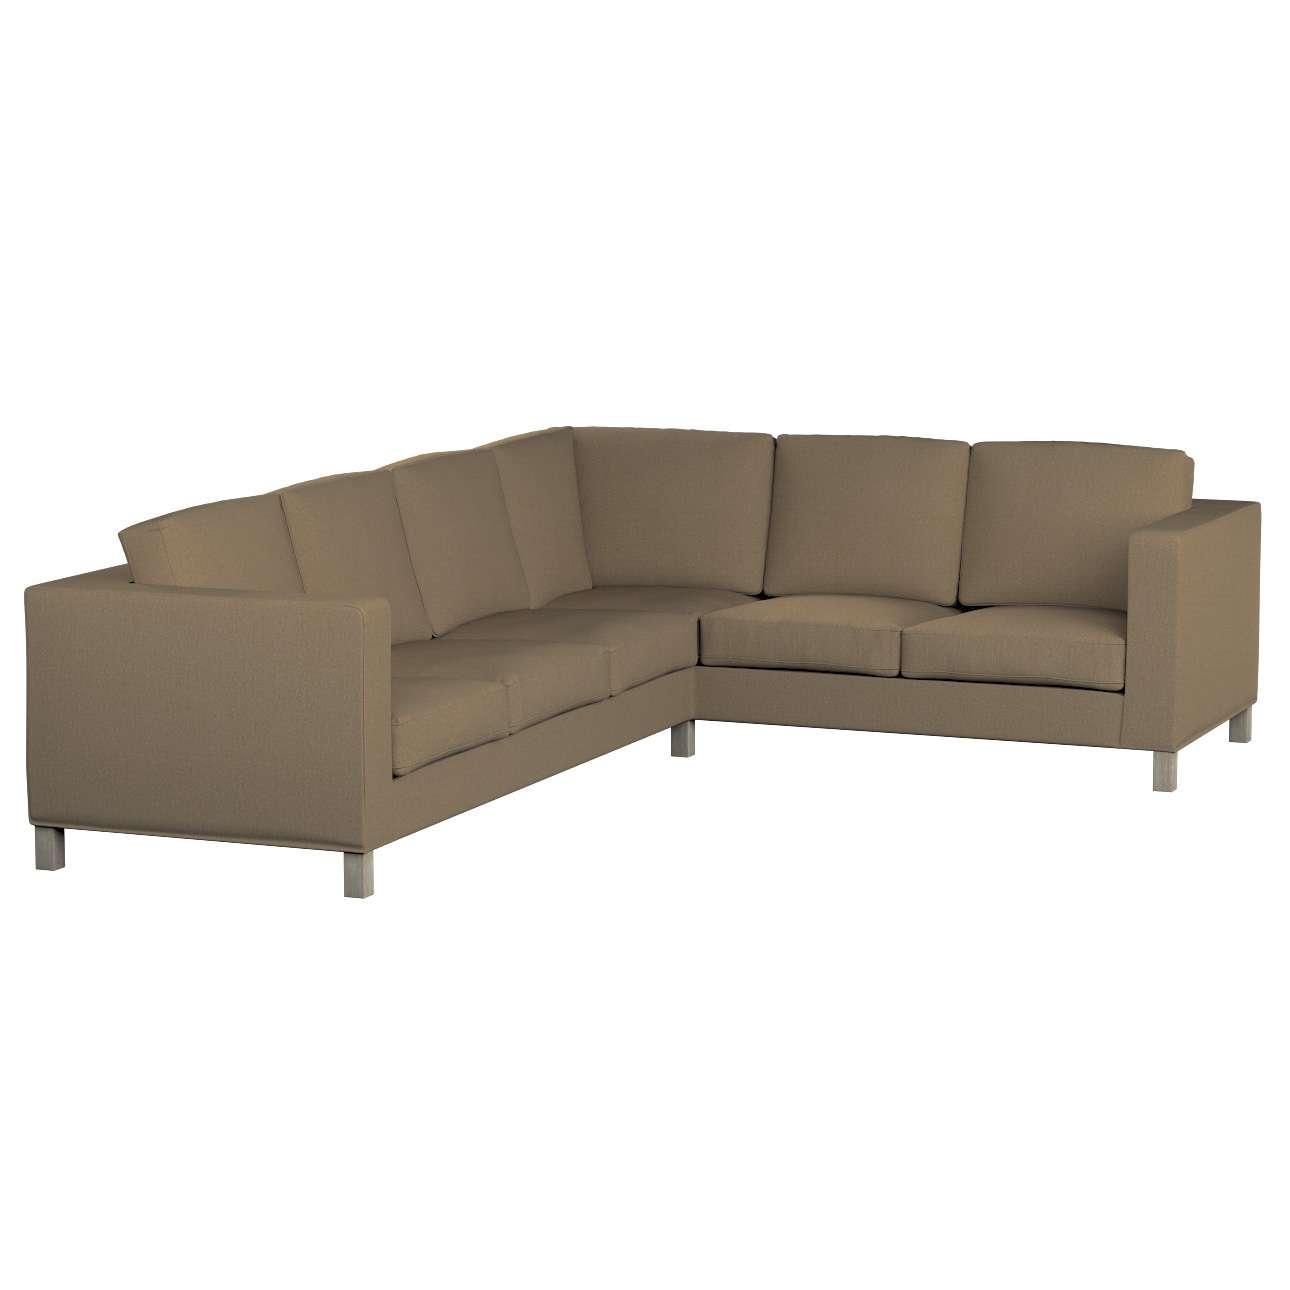 Pokrowiec na sofę narożną lewostronną Karlanda Sofa narożna lewostronna Karlanda w kolekcji Chenille, tkanina: 702-21